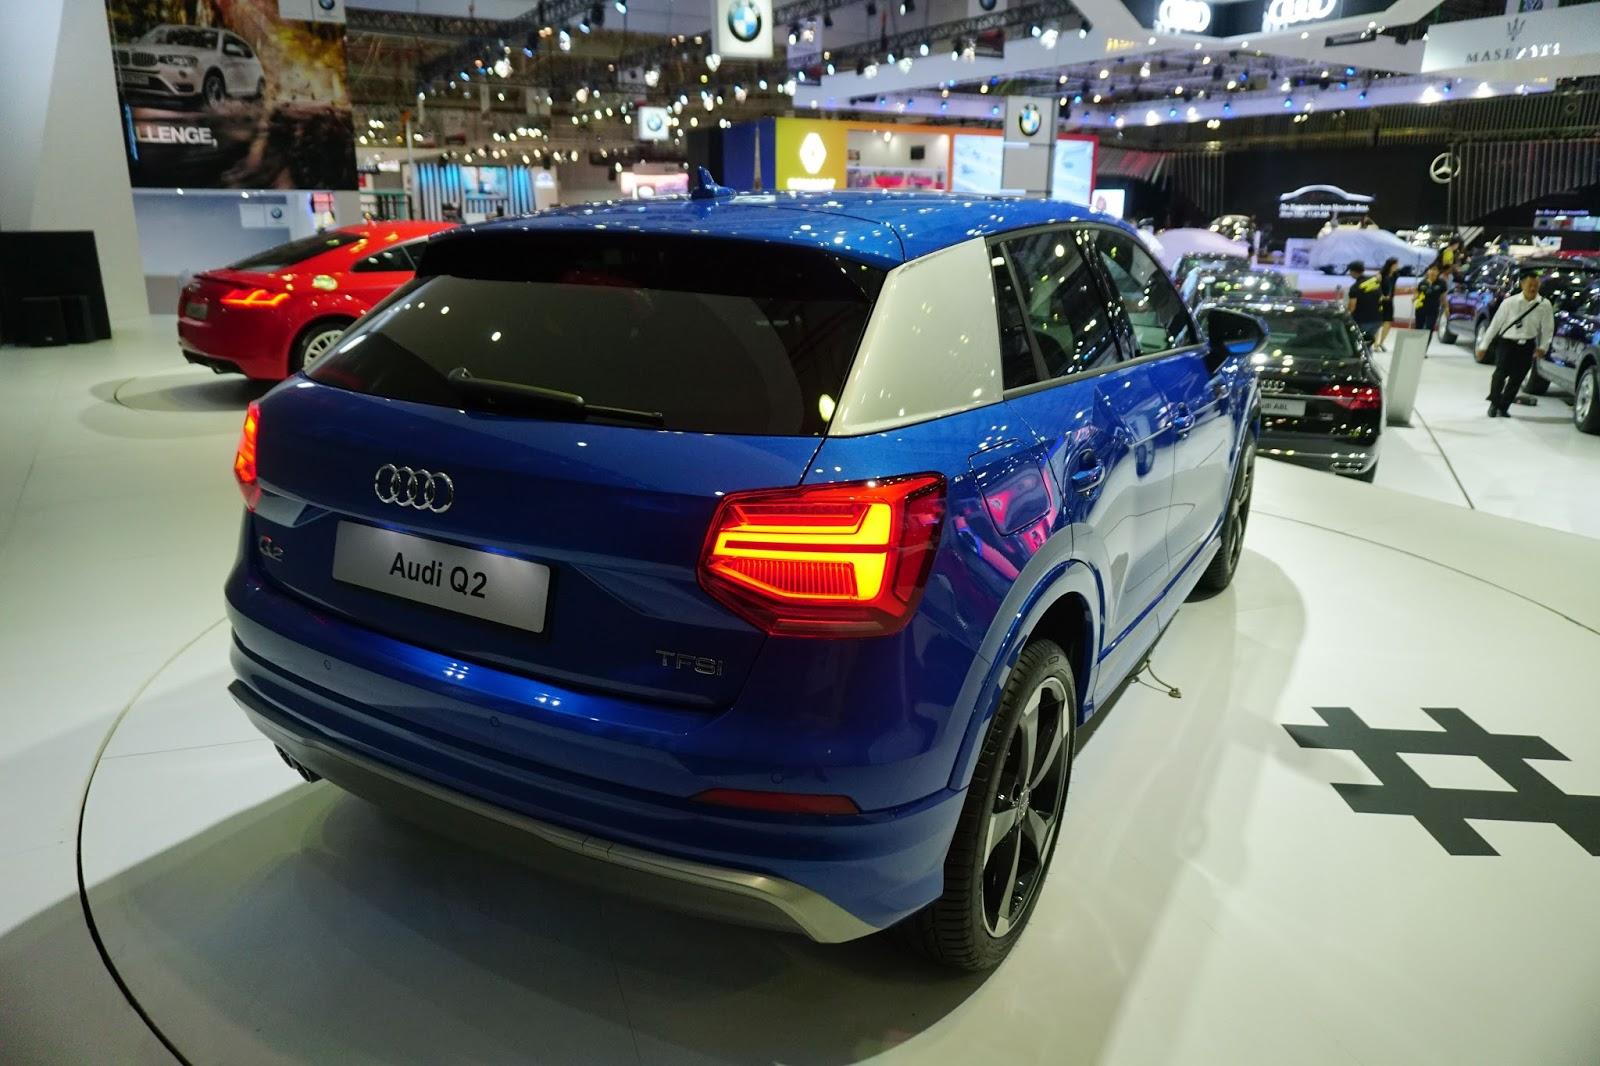 Đuôi xe của Audi Q2 mạnh mẽ, tinh tế và có gì đó rất thể thao, hiện đại